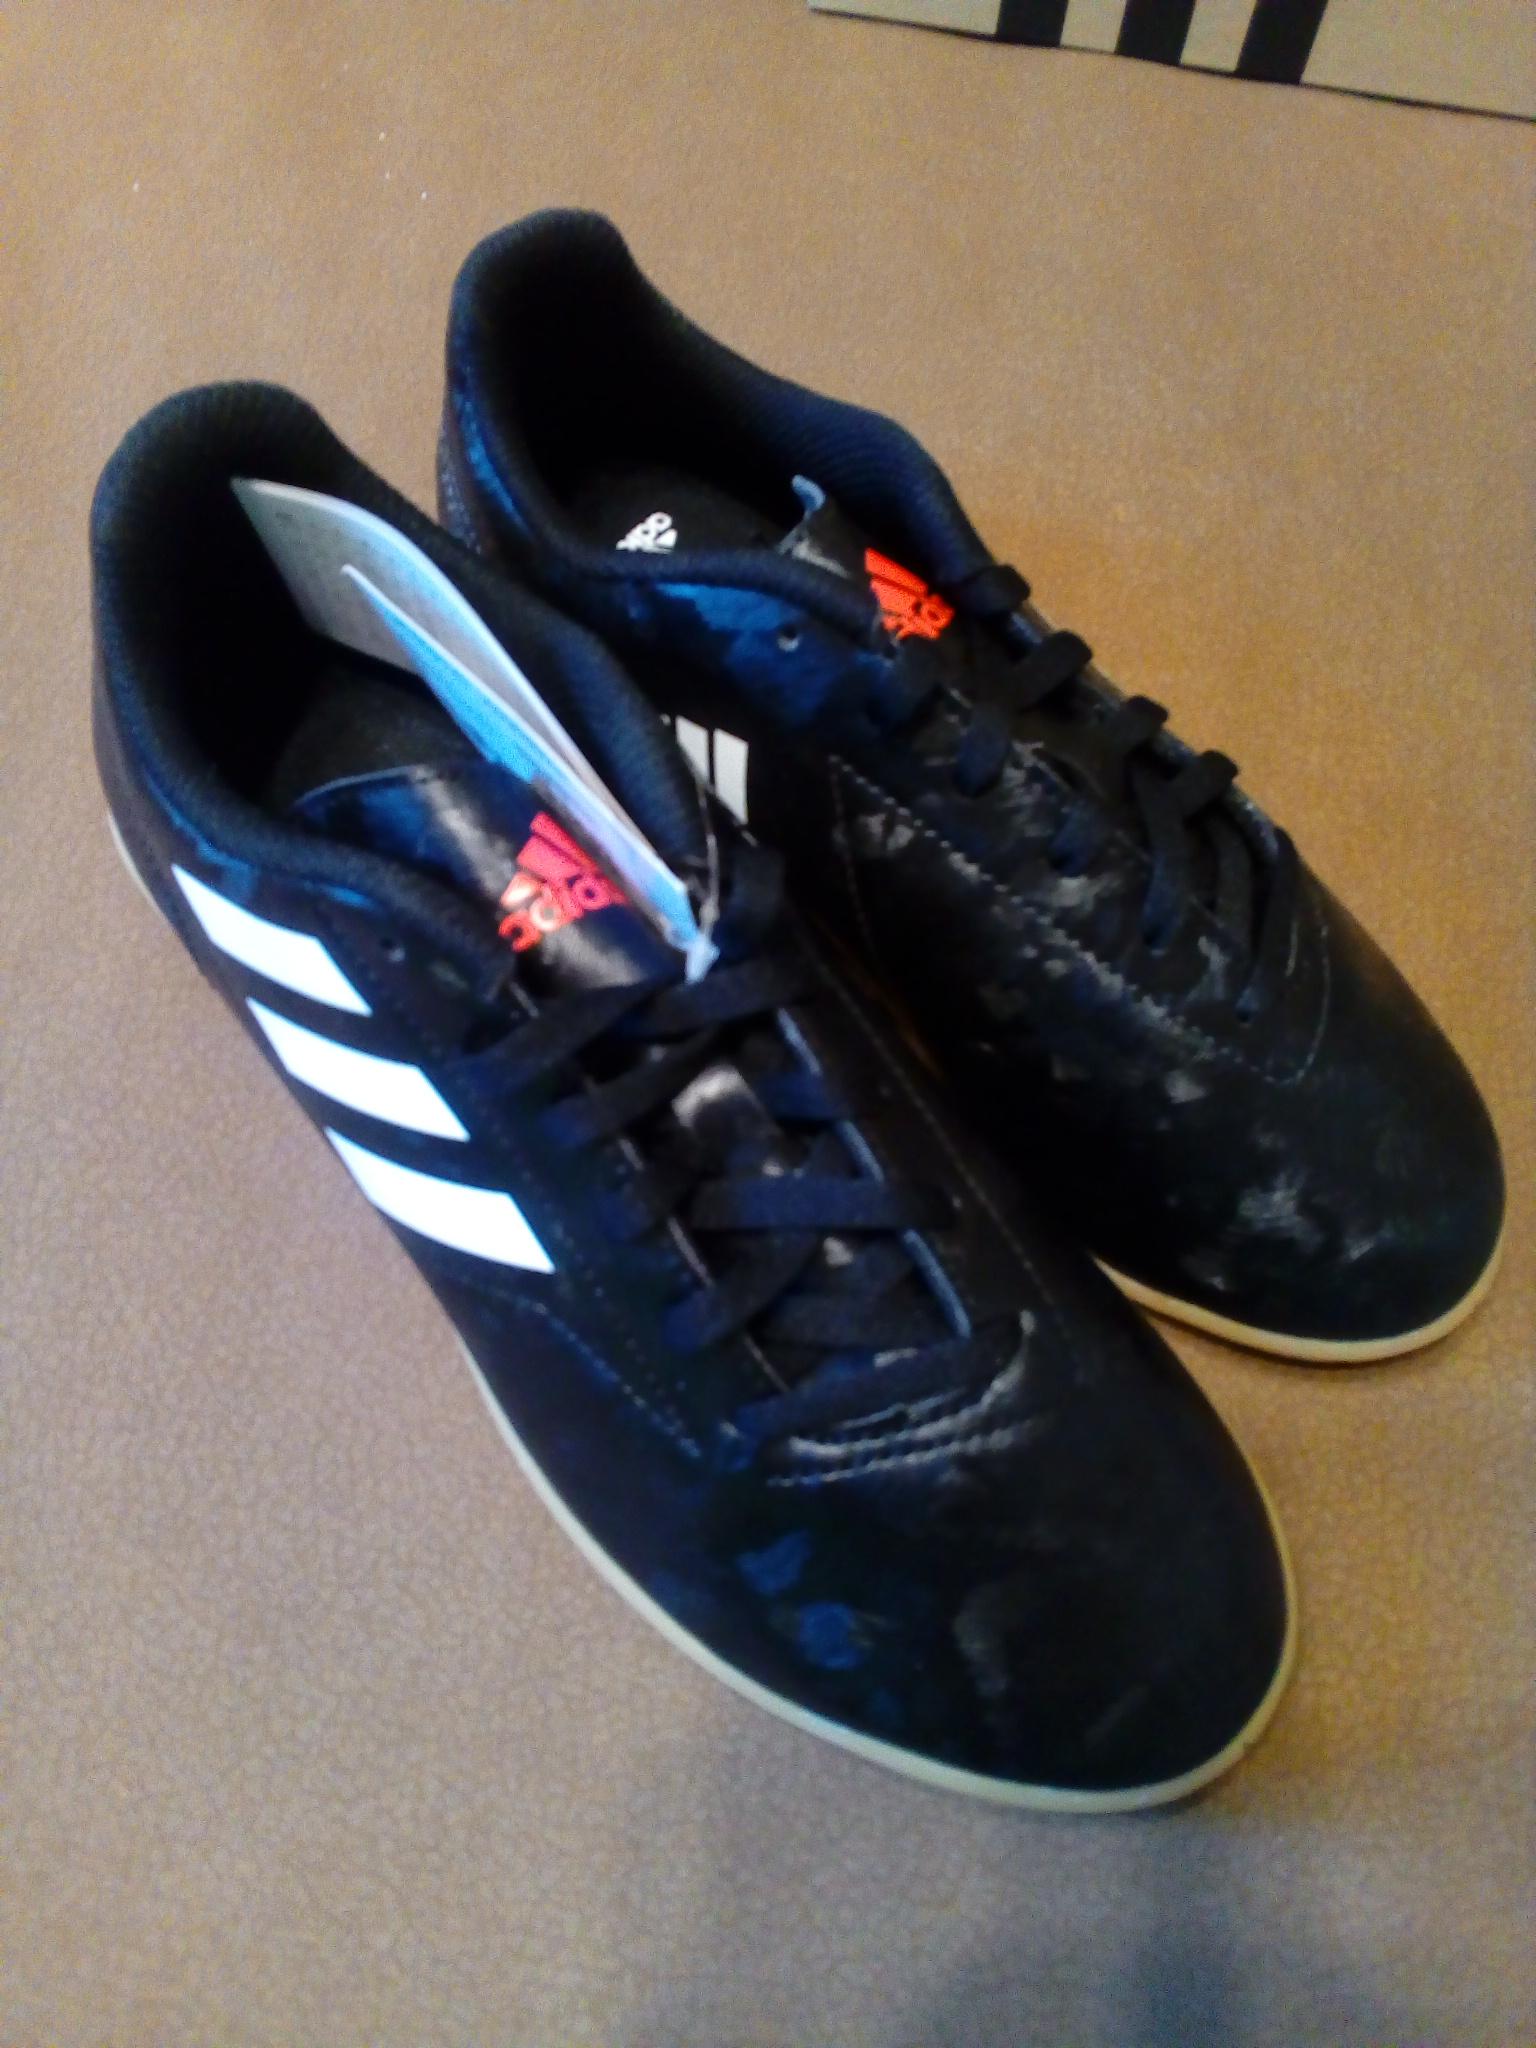 Adidas Sportschuhe neu